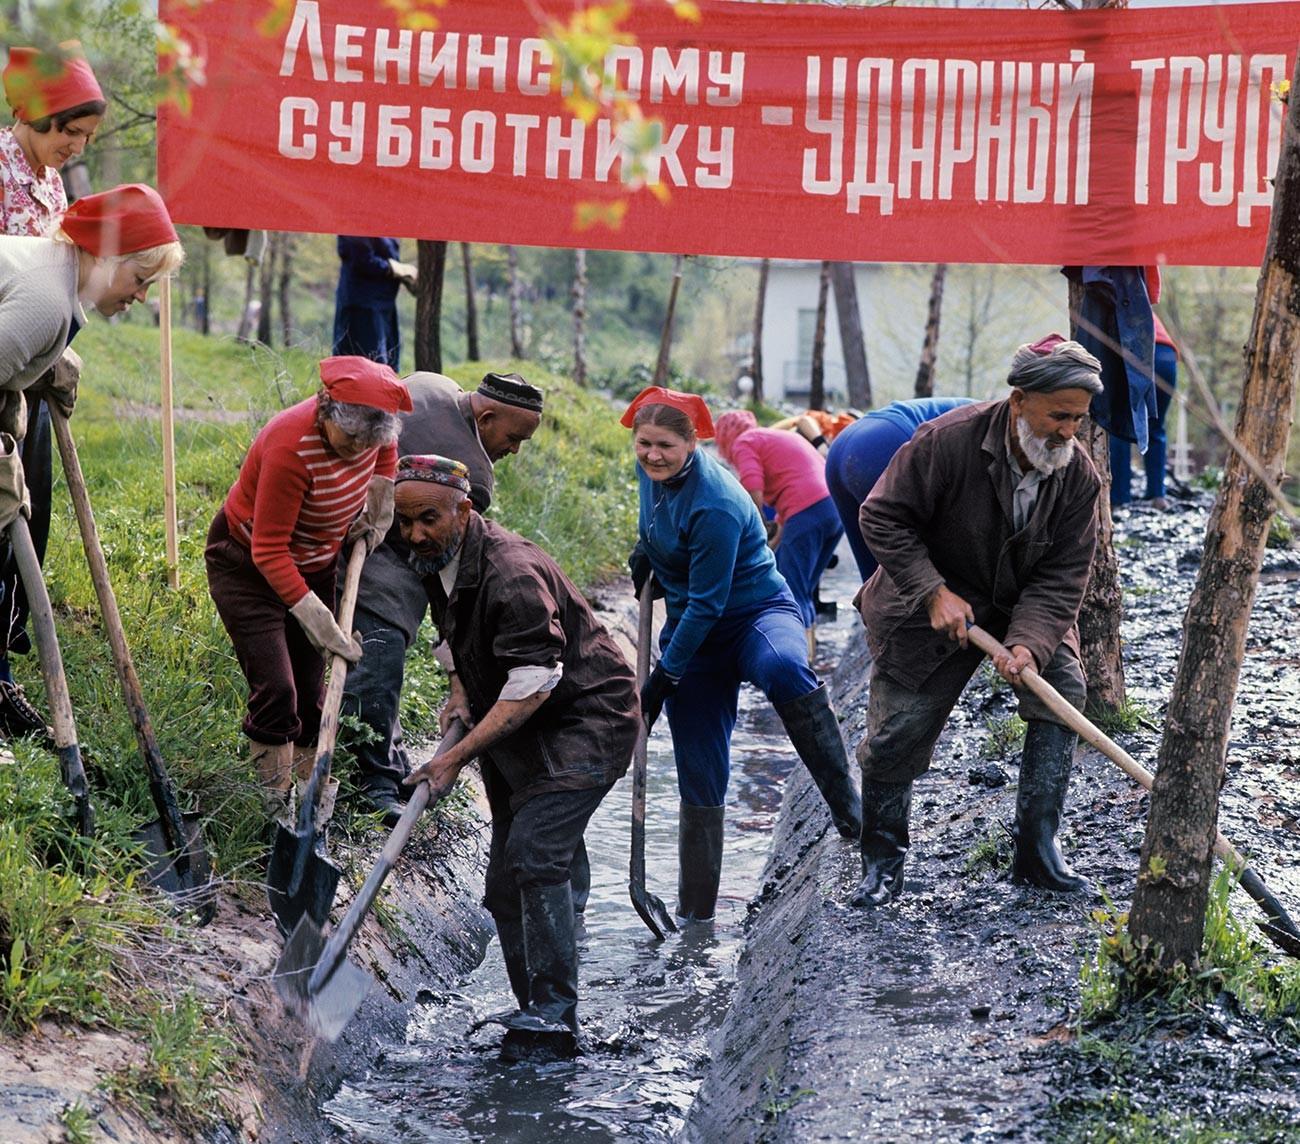 Жители города на Ленинском коммунистическом субботнике. Нурек.